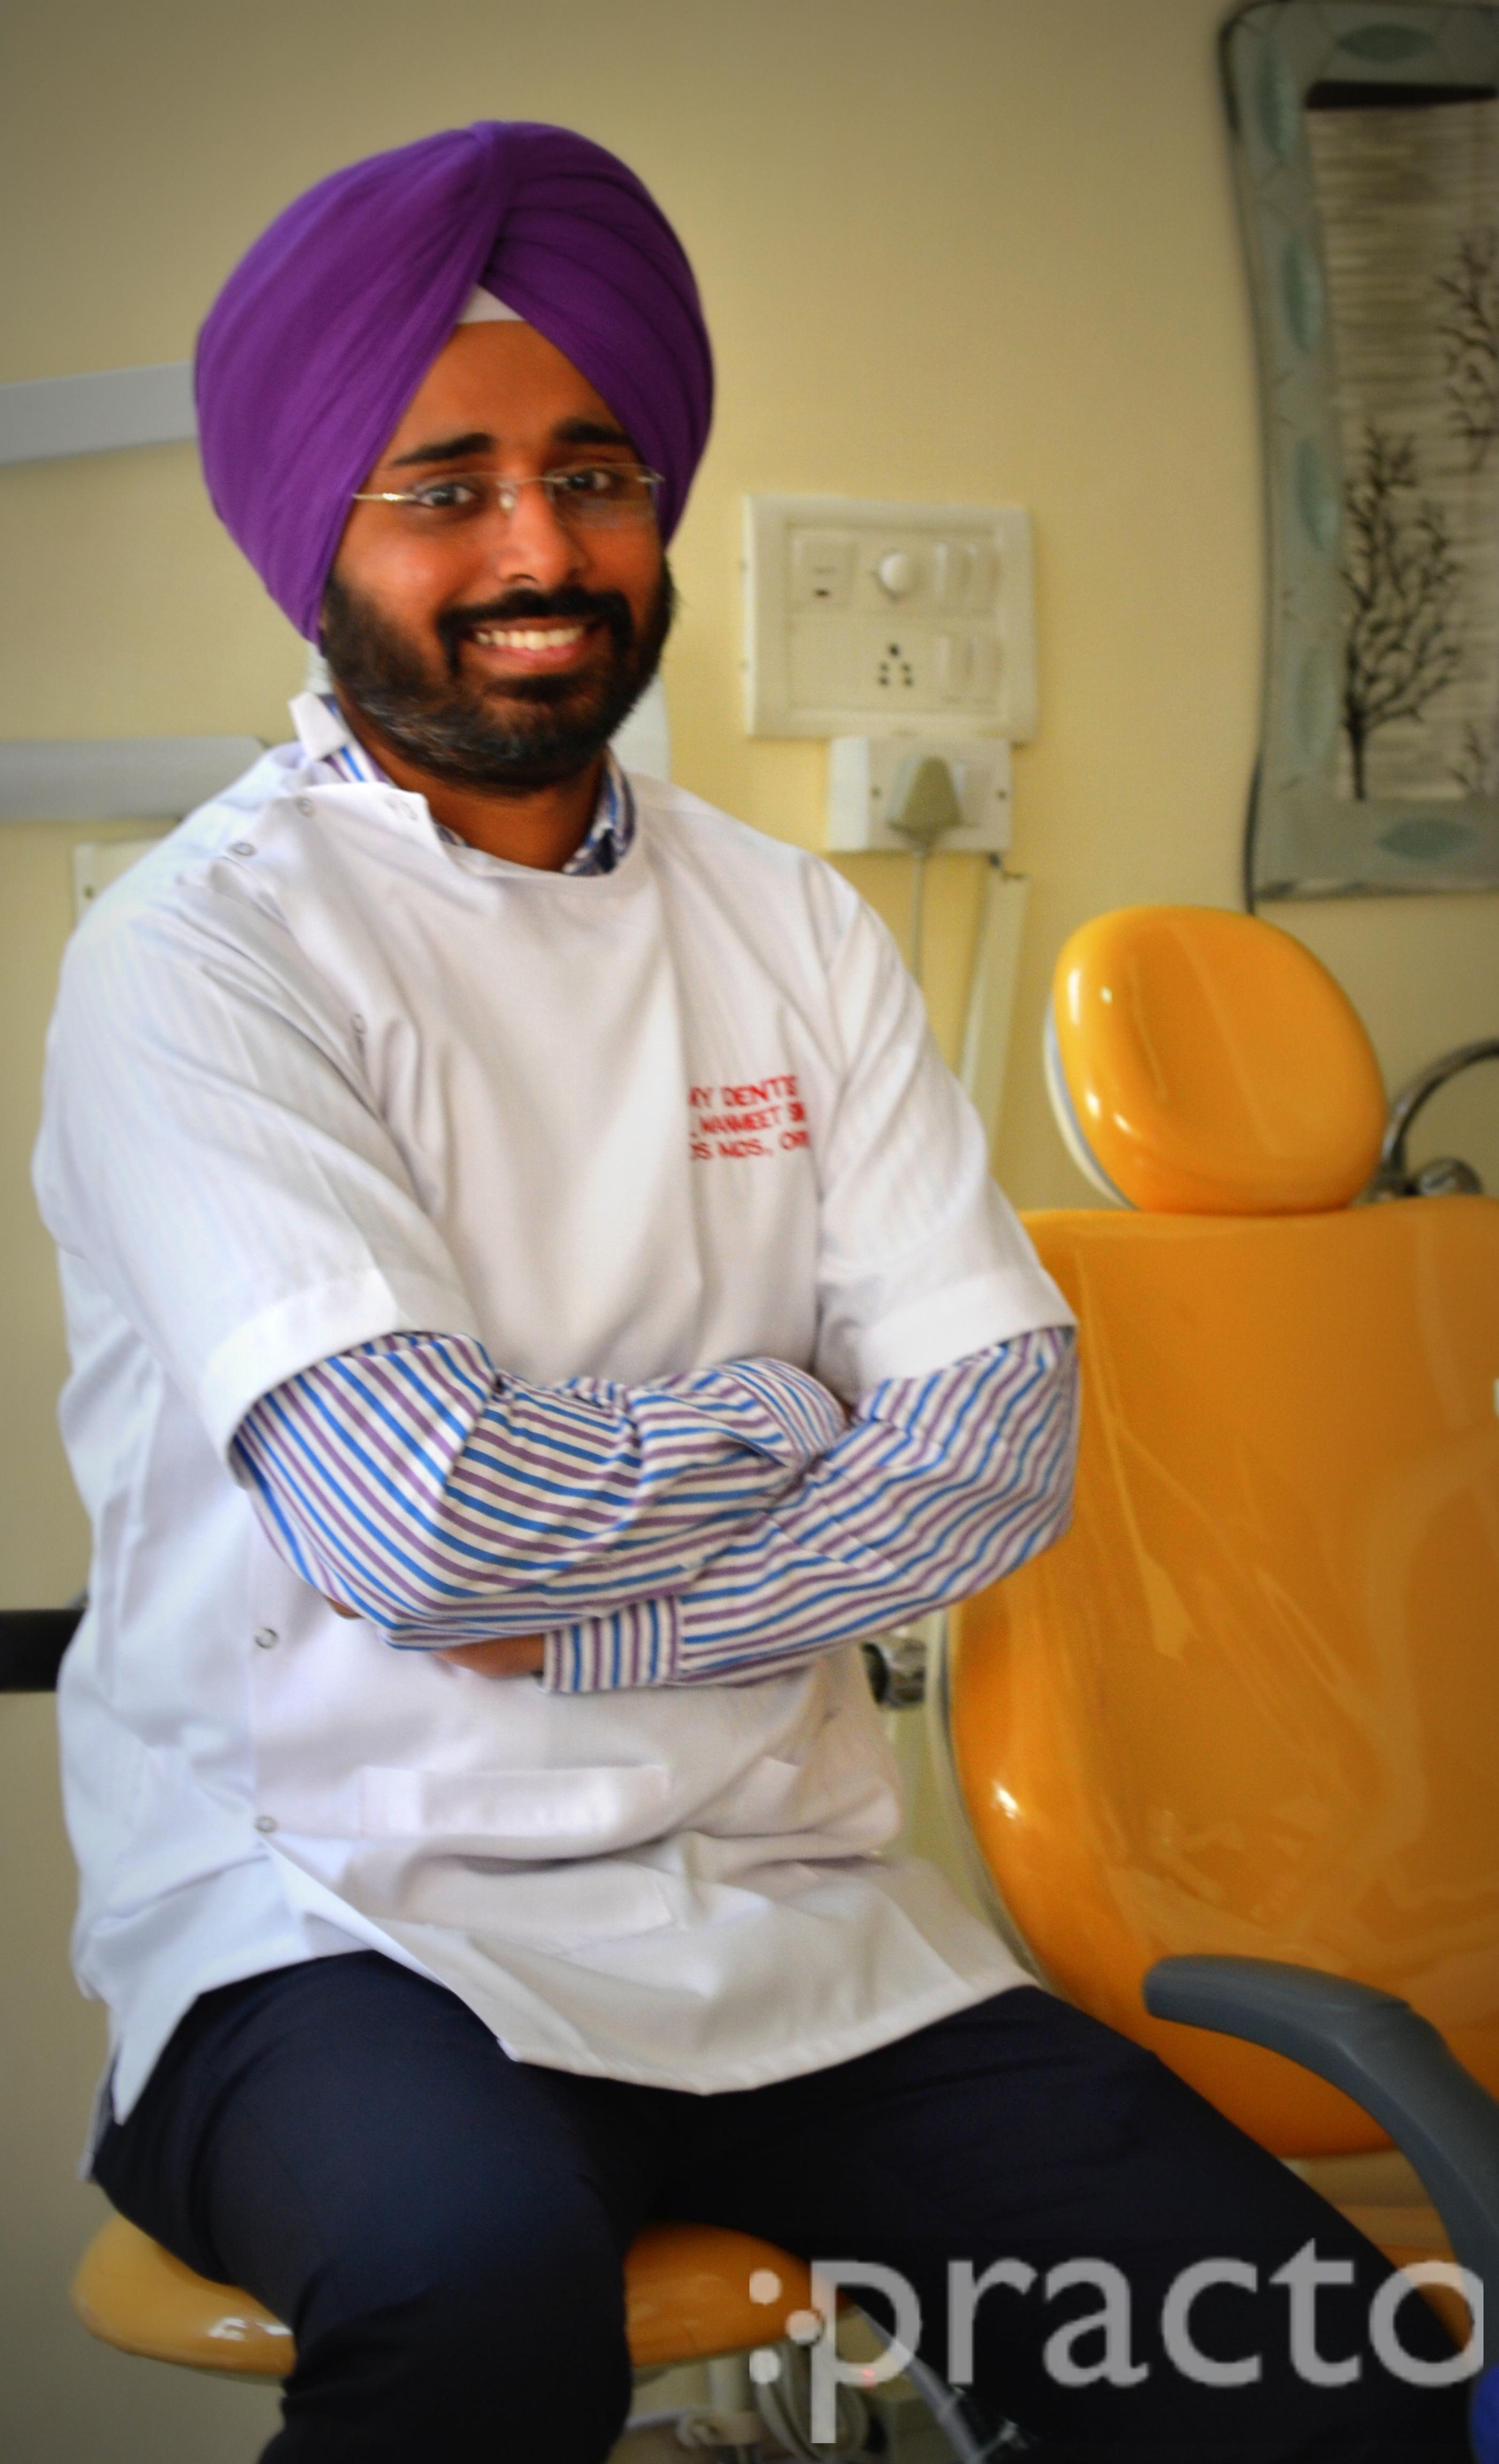 Dr. Manmeet Singh - Dentist